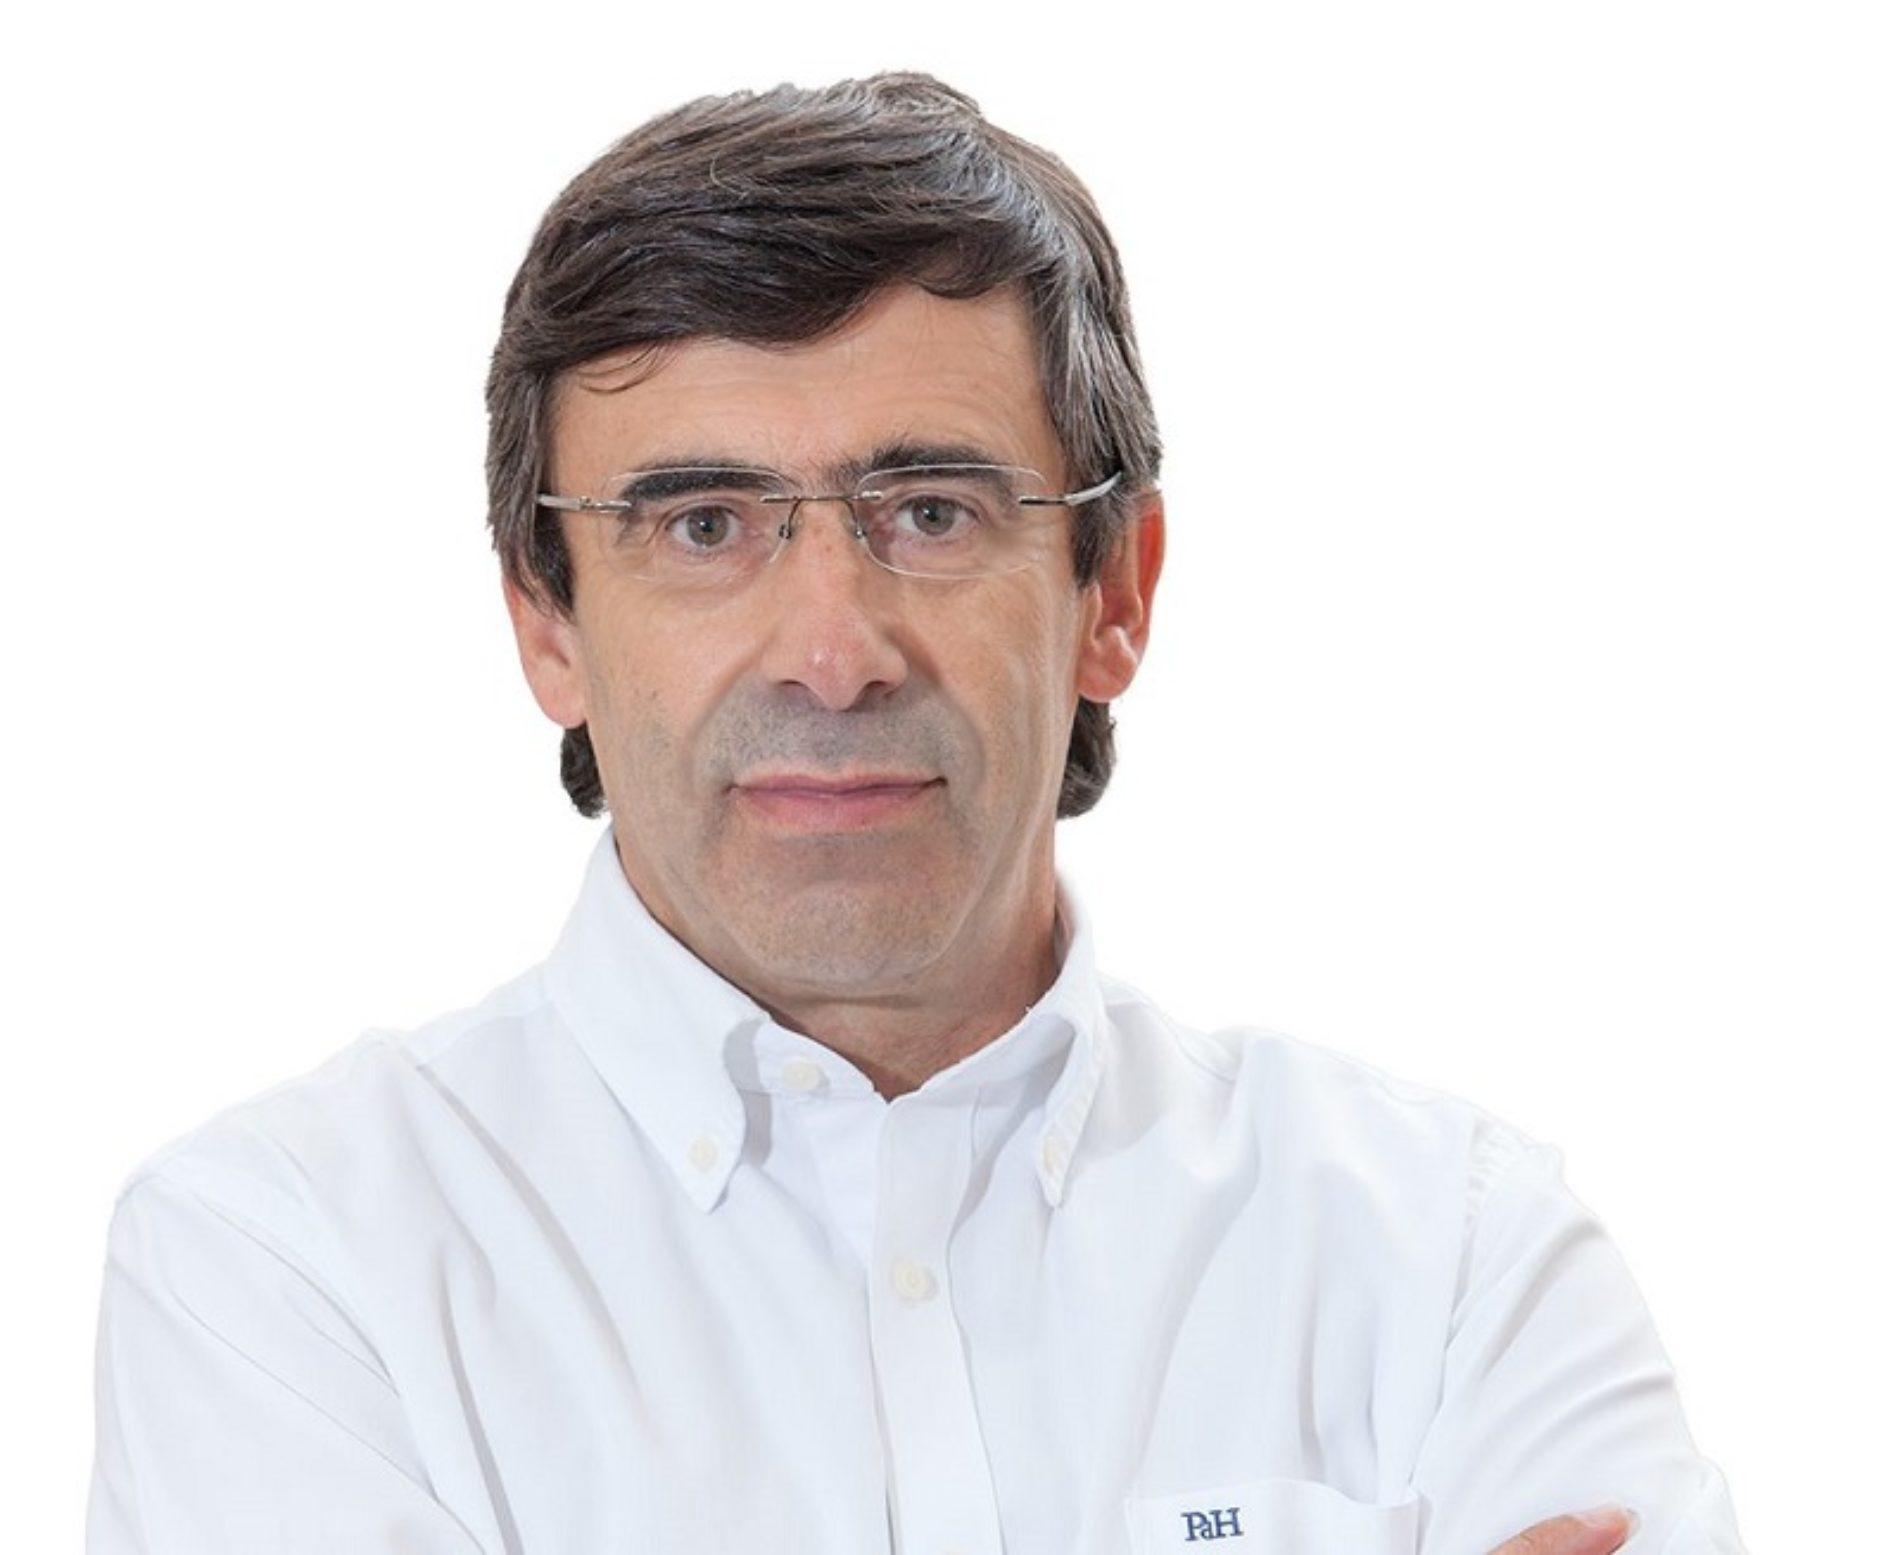 Deputado Maurício Marques demite-se da liderança da distrital de Coimbra do PSD